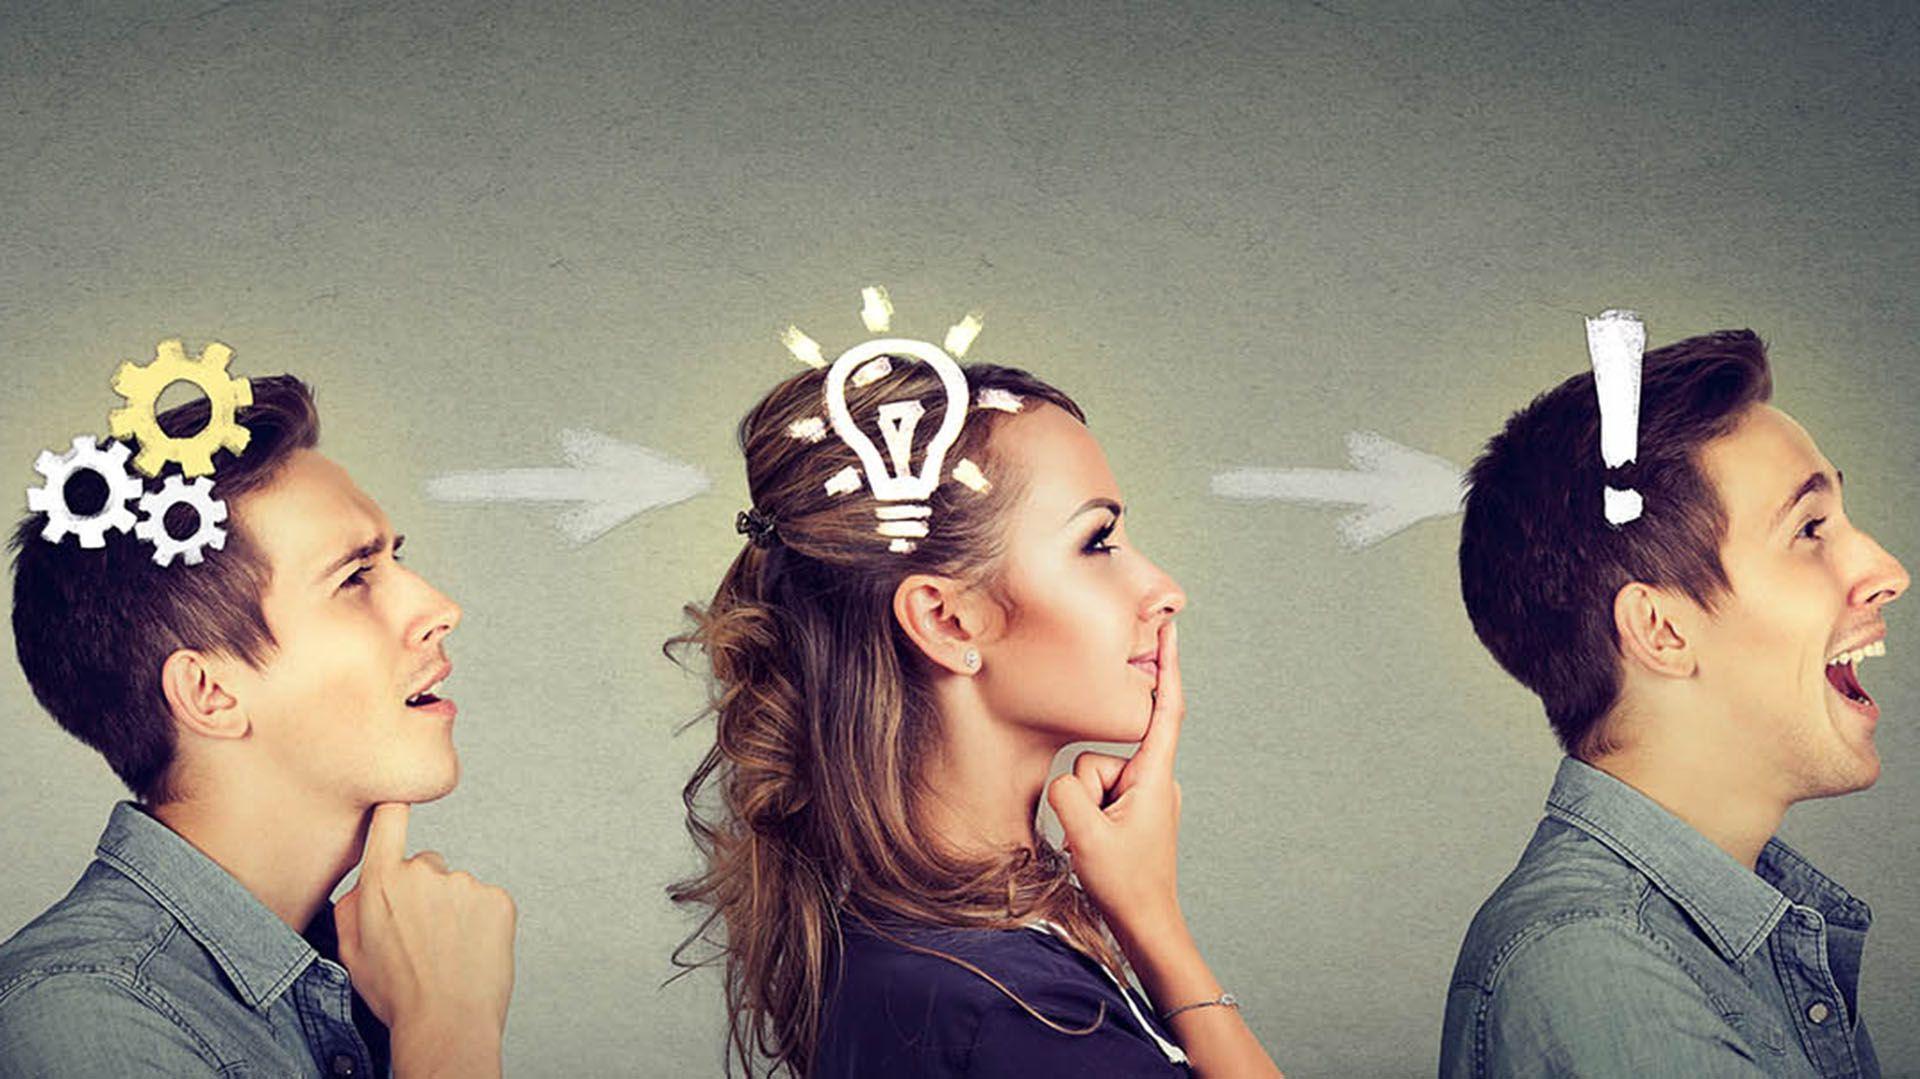 Las funciones ejecutivas emergen a edades muy tempranas y evolucionan hasta la adultez (Shutterstock)